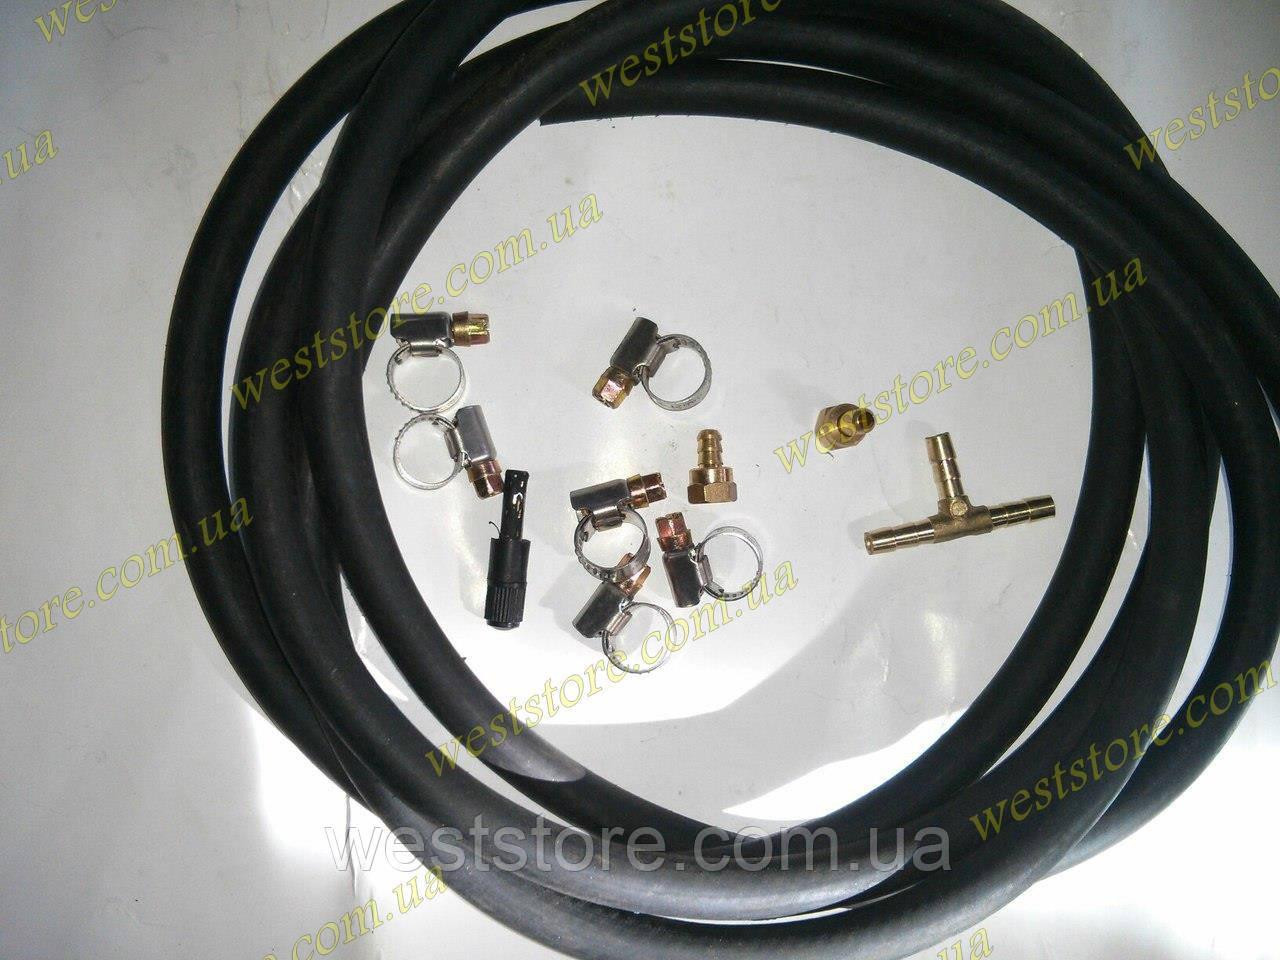 Комплект подкачки набор шланги  для пневмоподушек в пружину 3 метра резиновый (хомуты нержавейка)